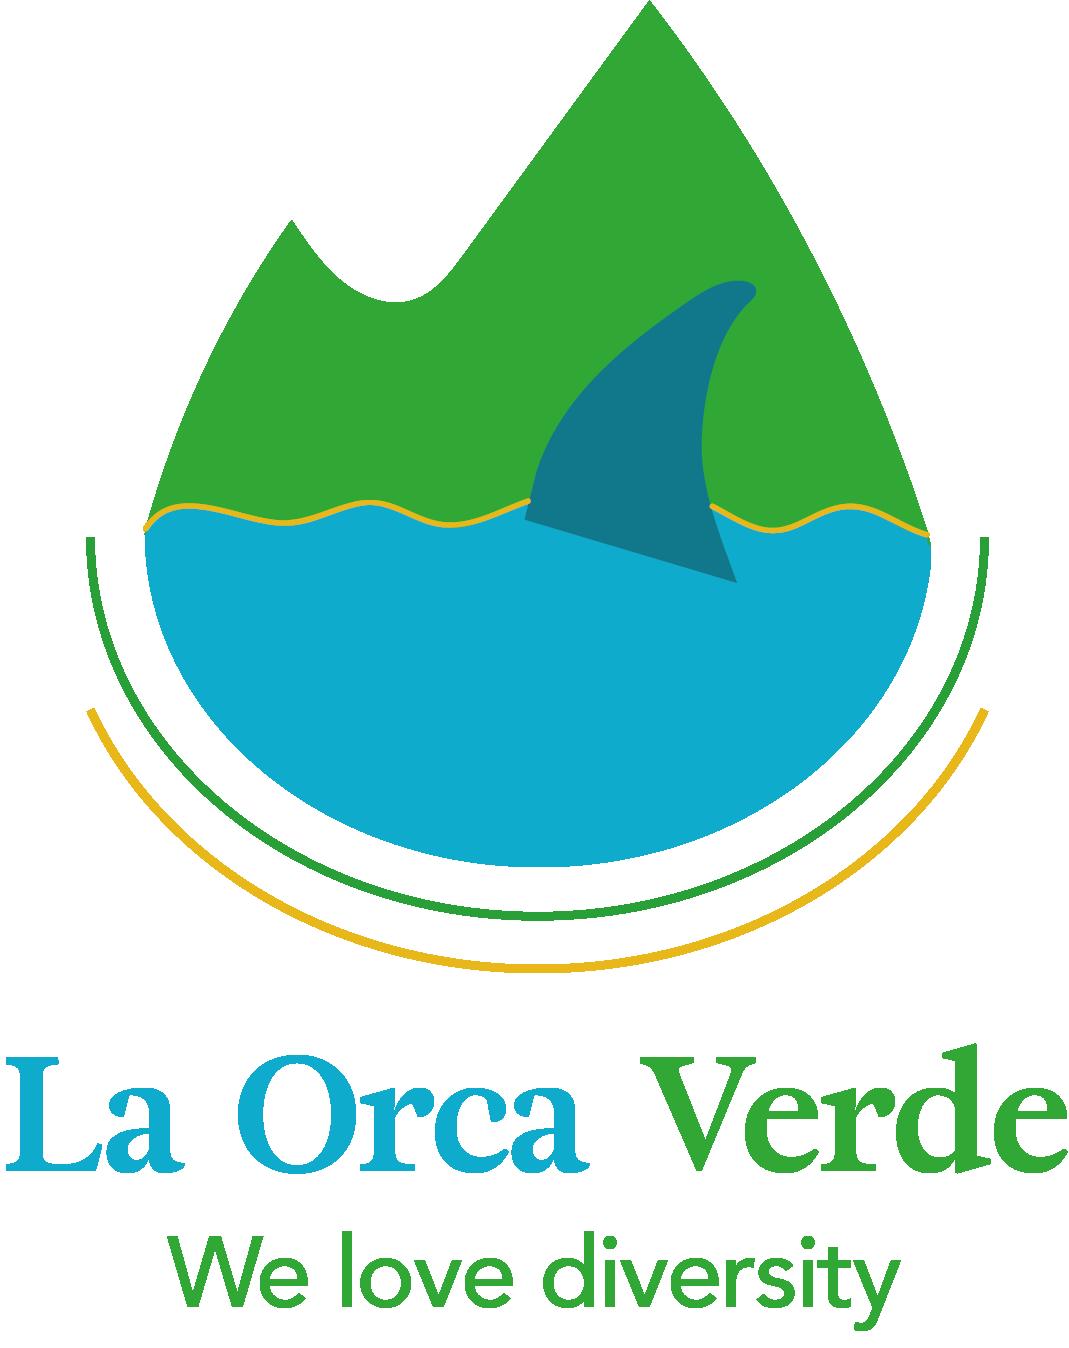 Das Bild zeigt das Logo von La Orca Verde. Es ist zeigt das Meer und einen grünen Berg im Hintergrund. Im Meer ist die Flosse eines Orcas zu sehen.